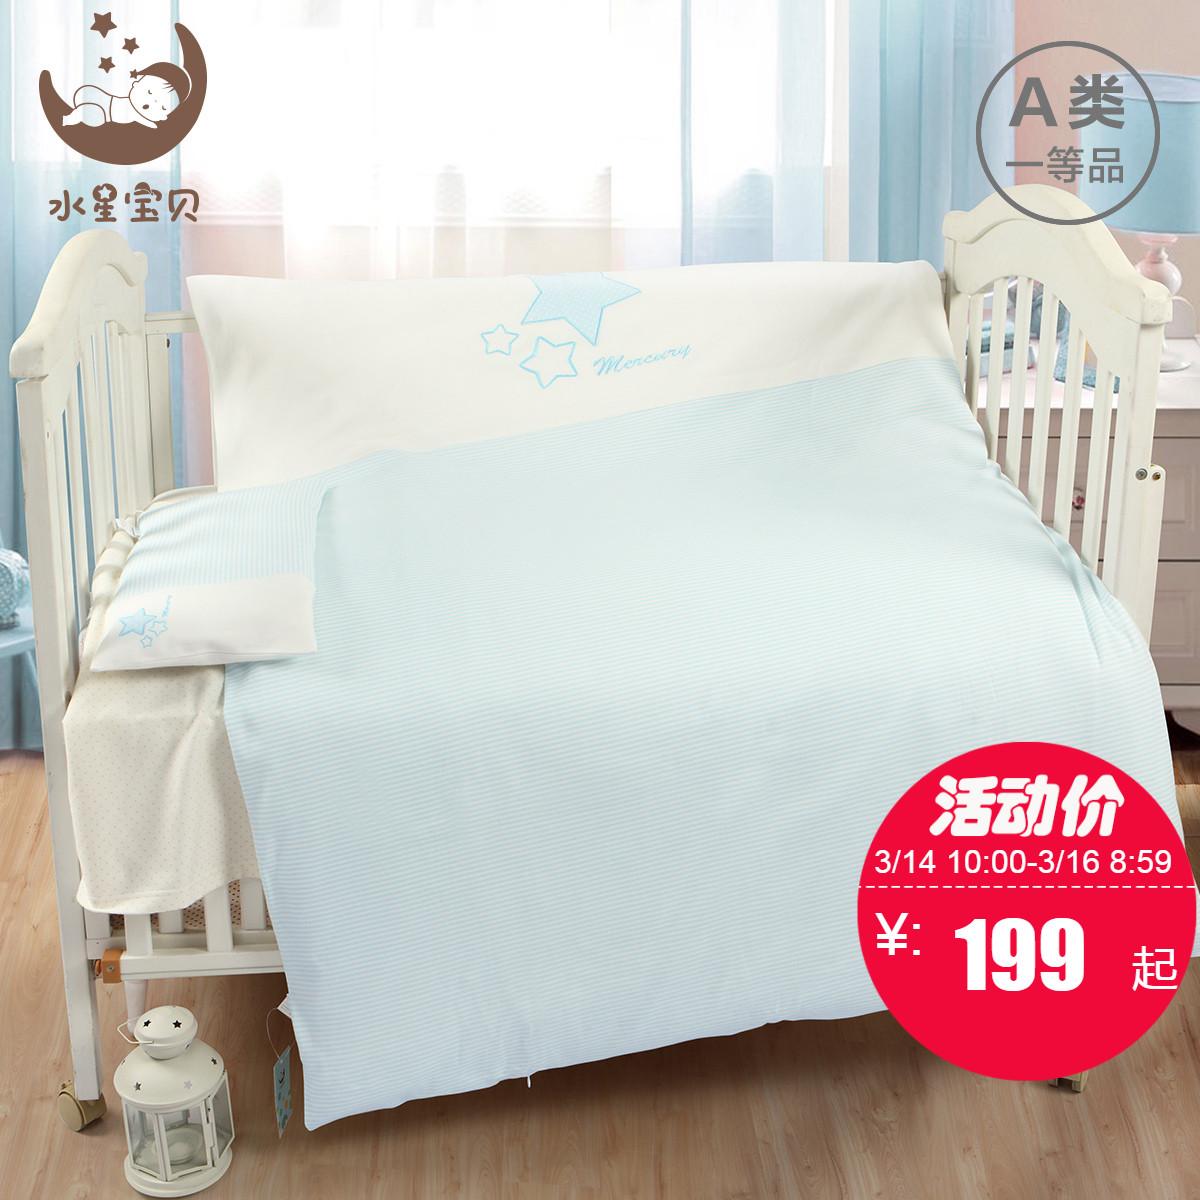 Вода звезда домой спин кровать для младенца использование статья 2 наборы хлопок одеяло наволочка ребенок Baby будущее звезда